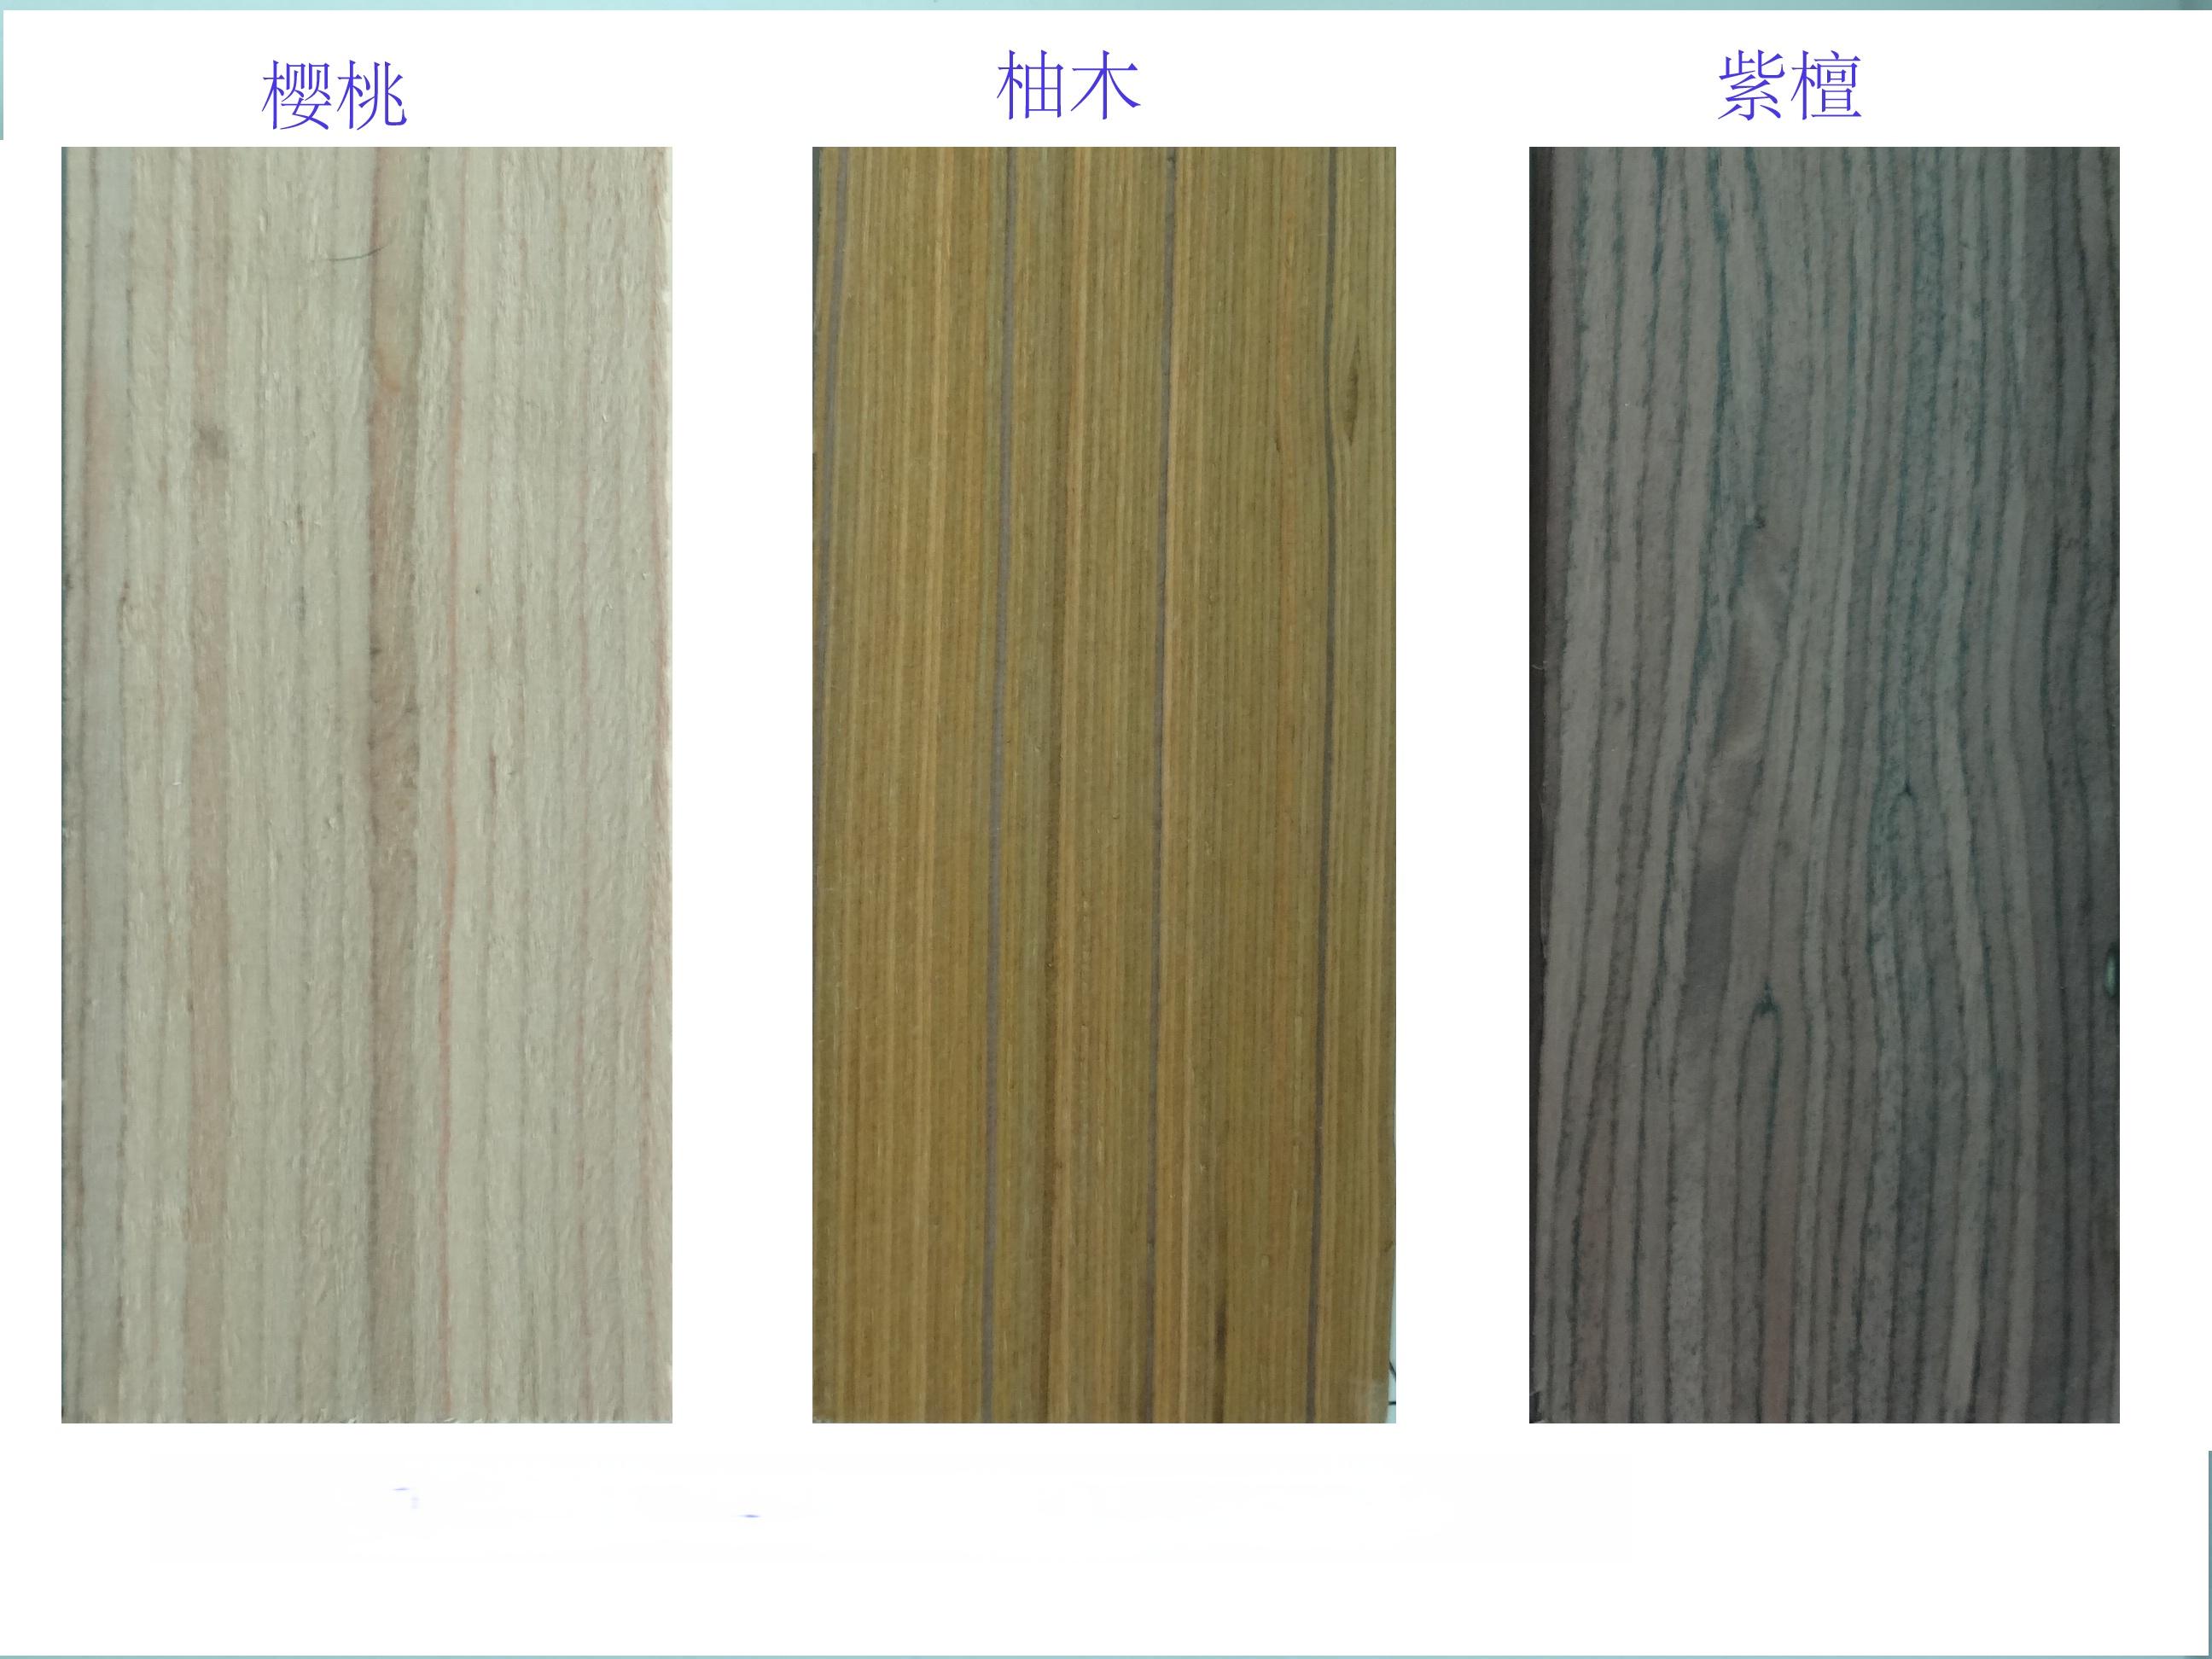 可雕刻工藝品傢俱級科技木(黑檀黑胡桃泰柚) 科技木簡介:科技木也叫人造木,科技木是一種重組裝飾材,是將普通速生樹種,旋切染色後,根據天然紋理組坯膠壓而成的木材產品,替代稀有昂貴的名貴木材。 科技木工藝原理:我公司從事科技木研發生產已有20多年的歷史,原材料木皮經過高溫蒸煮,顏色滲透至木材導管,經過乾燥,組坯,施膠熱壓等工序。產品顏色穩定,互補滲透,不變色,密度大,膠合強度高,鋸割不開裂。 科技木產品參數:密度630千克,規格2500*600mm,厚度根據客戶要求。 科技木種類:白橡,黑胡桃,黑檀,泰柚木,